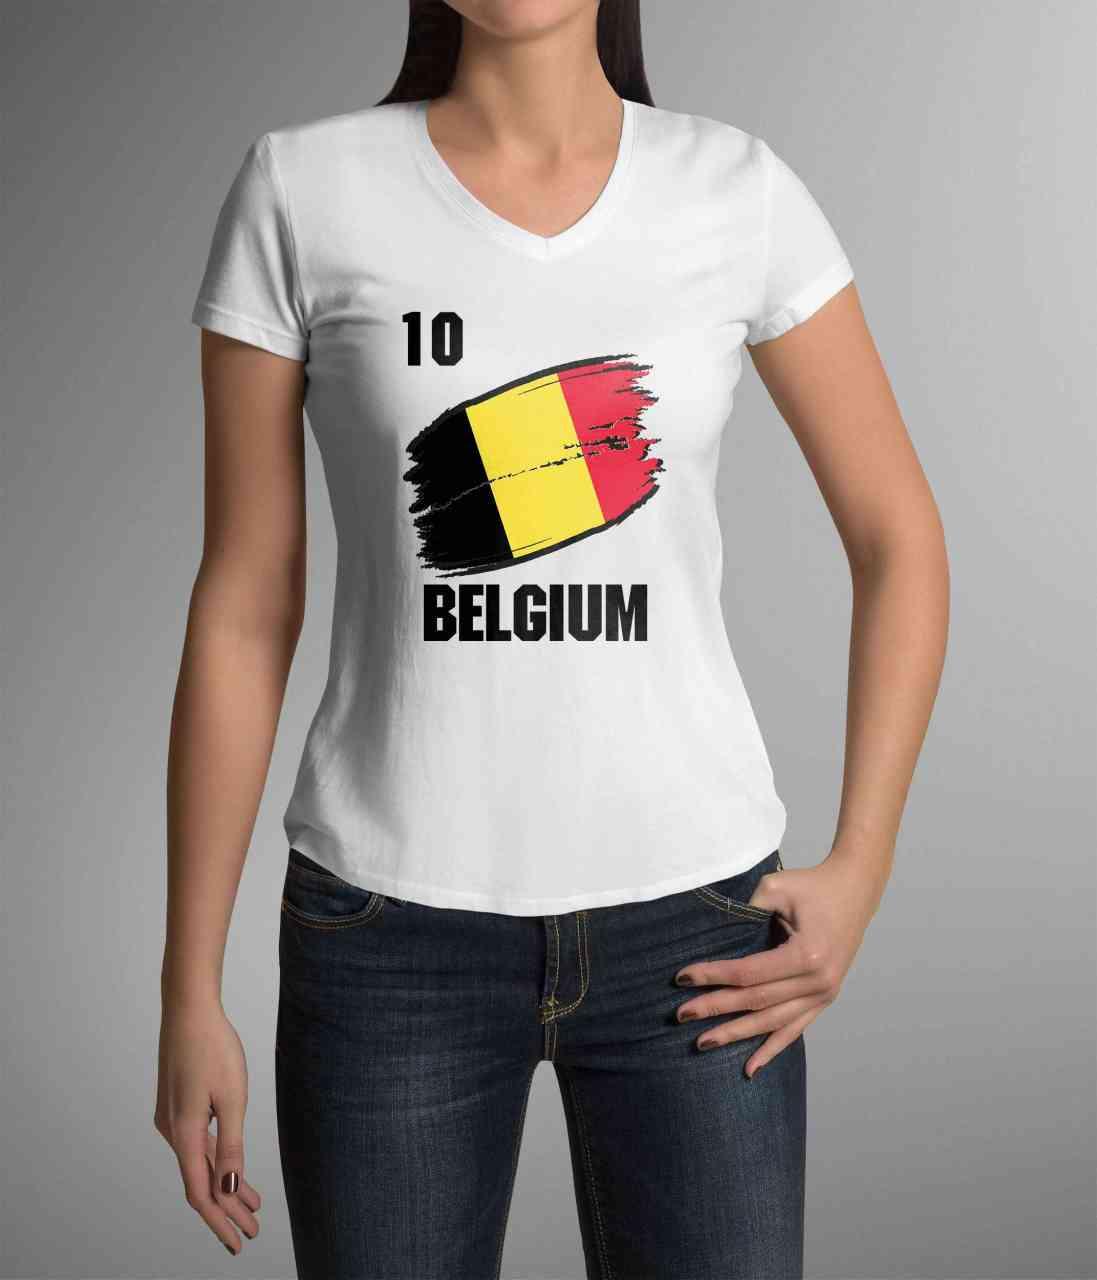 Belgium | Belgien | Trikot T-Shirt mit Nummer + Name | WM 2018 | Männer/Frauen